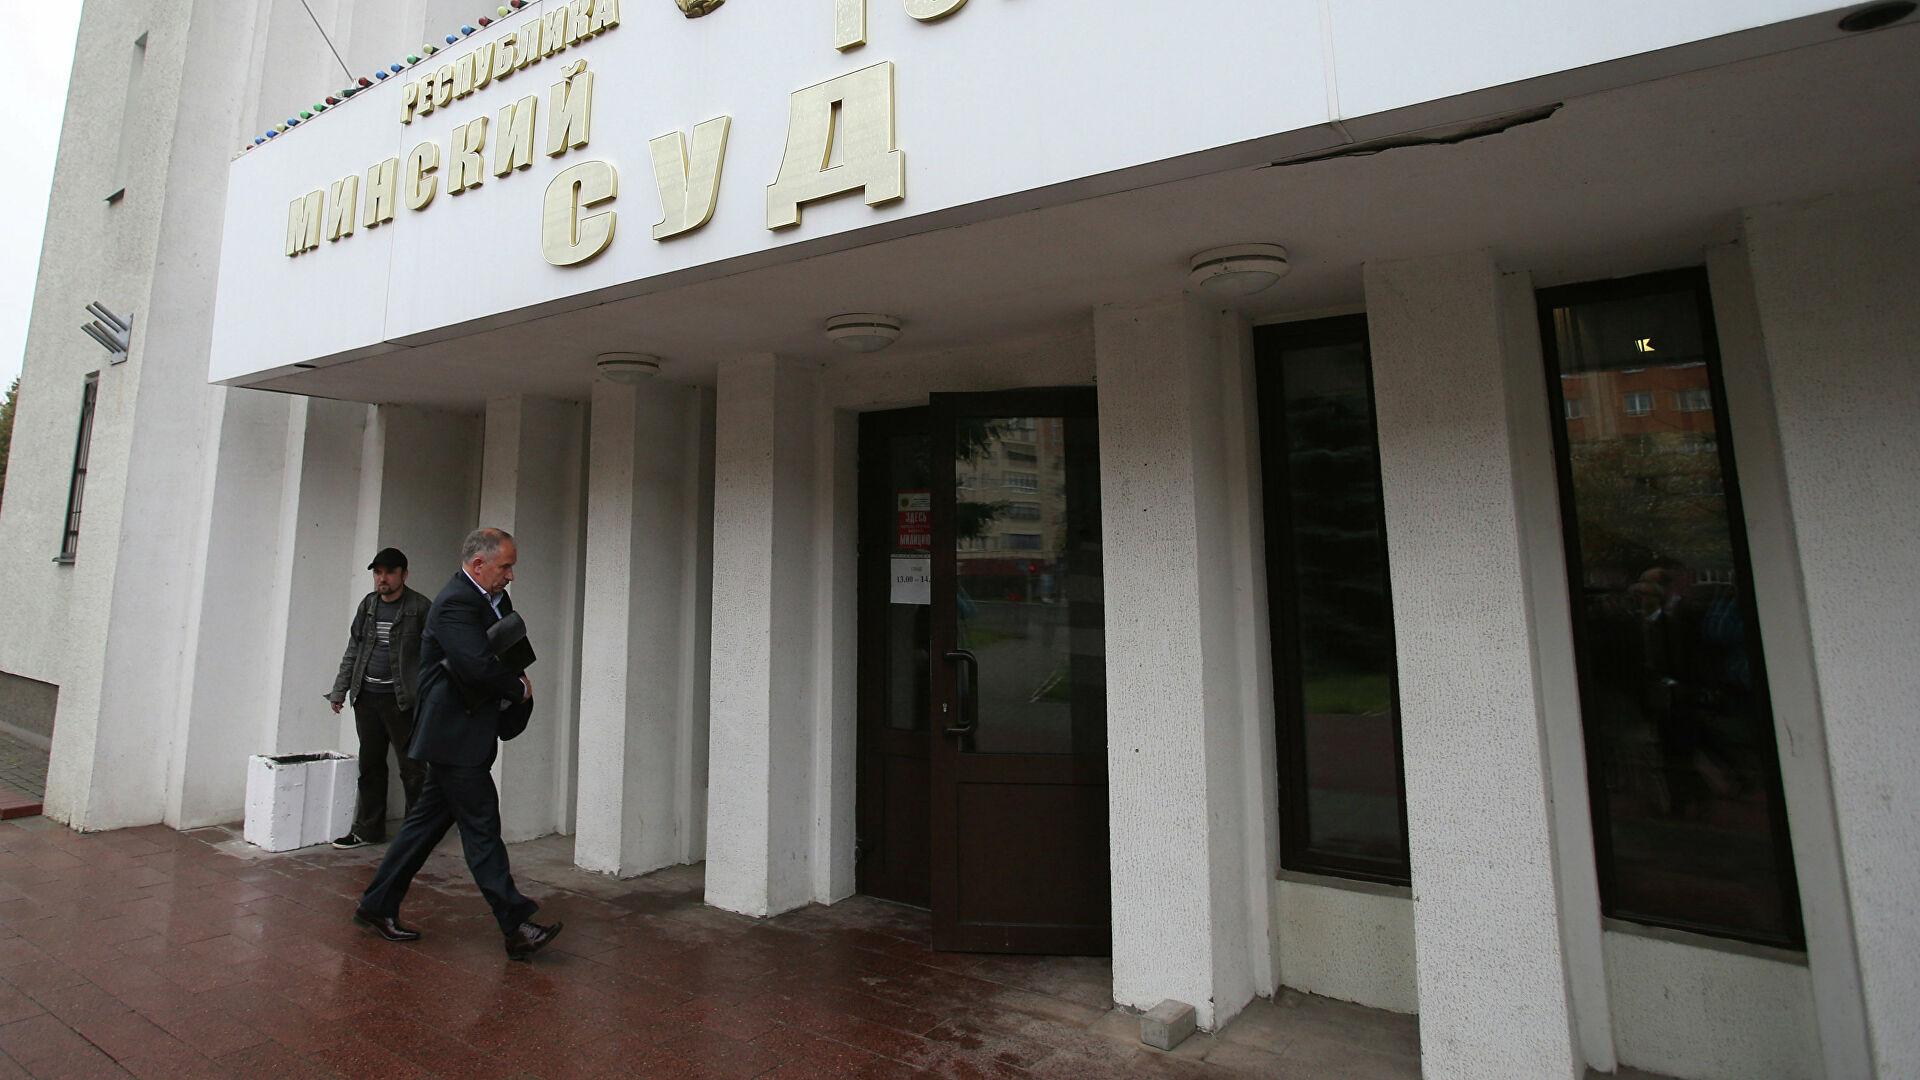 Адвокат сообщил, когда суд в Белоруссии рассмотрит жалобу Сапеги